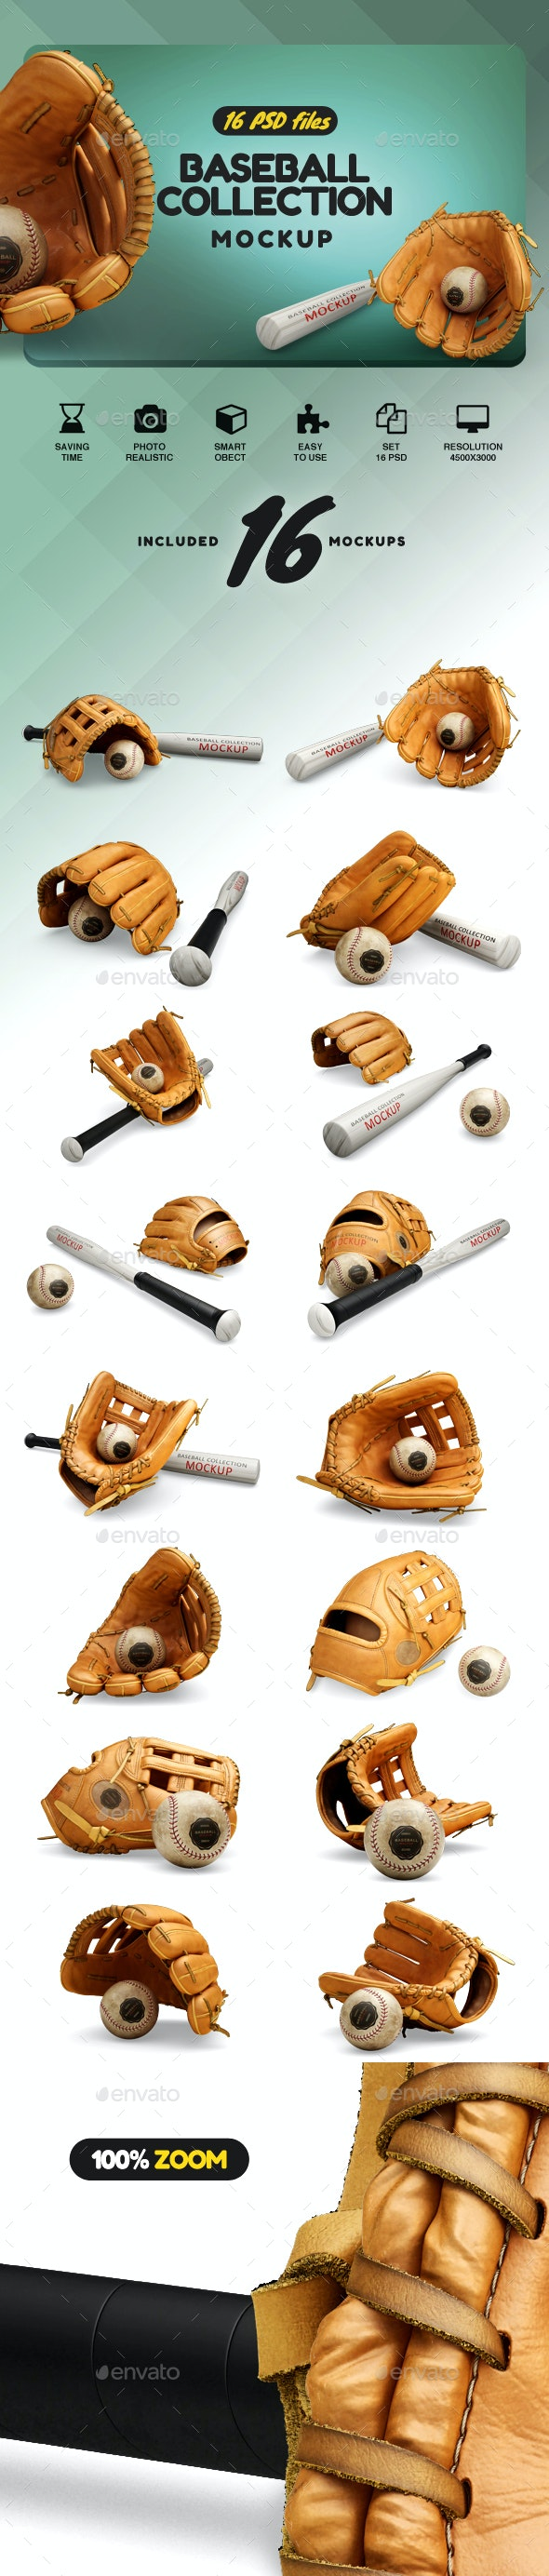 Baseball Set Collection Mockup - Product Mock-Ups Graphics